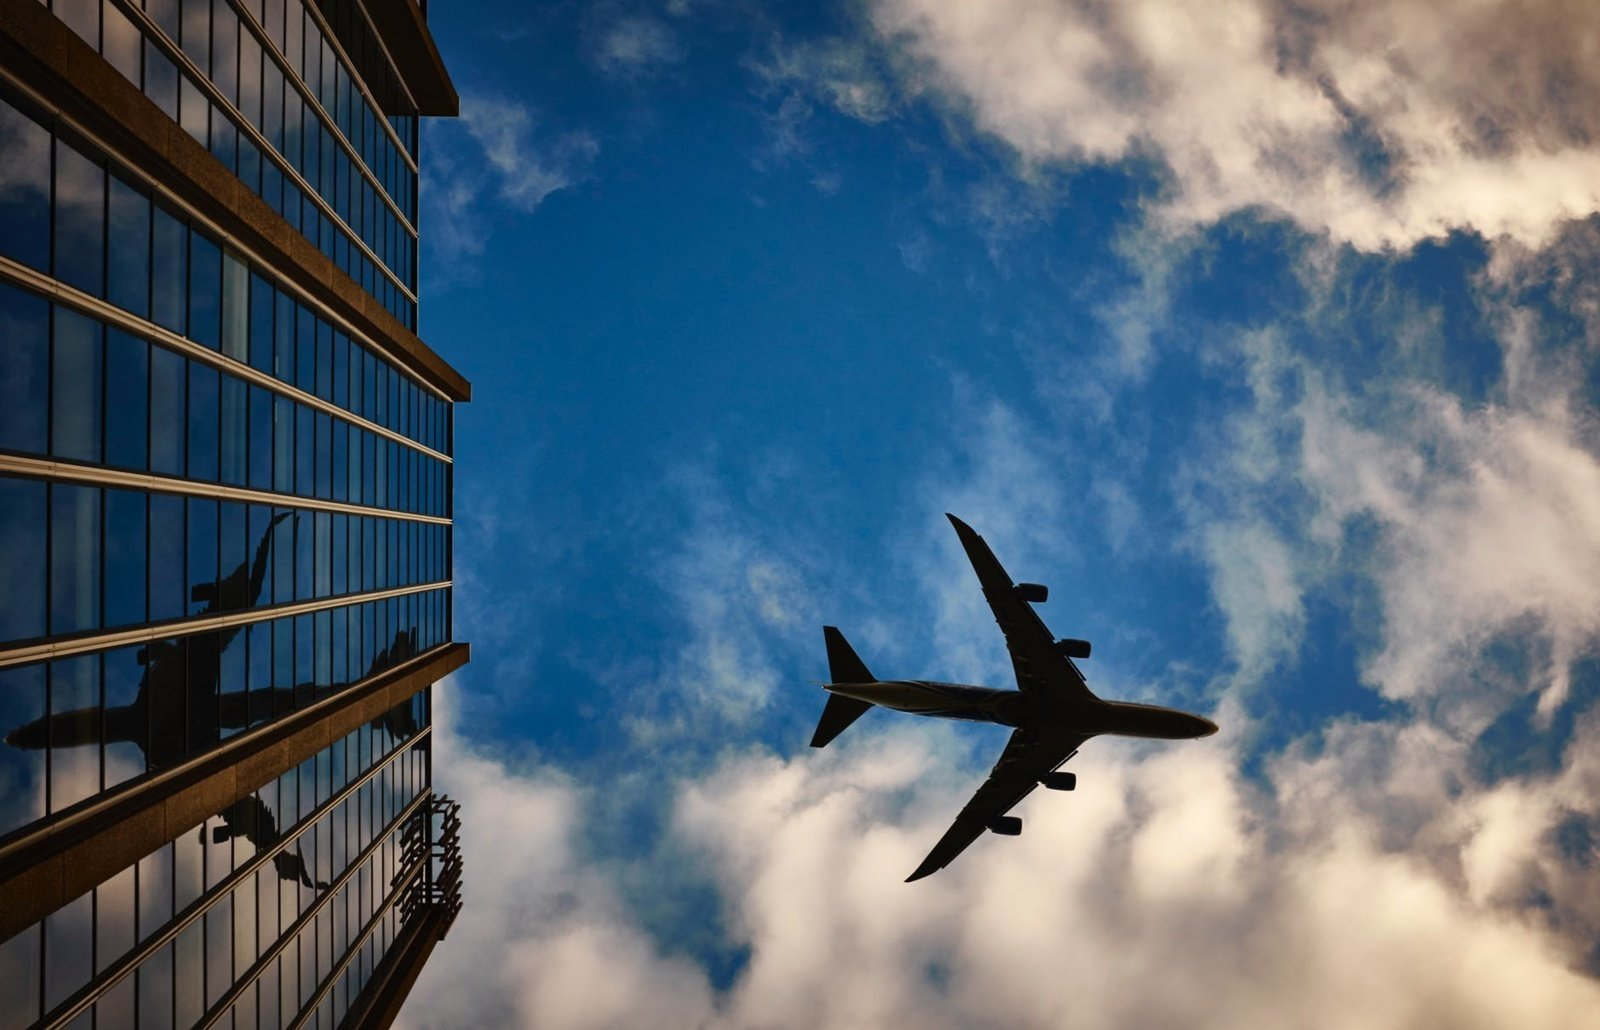 PSO ragina šalis nereikalauti iš užsienio keliautojų pasiskiepijimo įrodymų